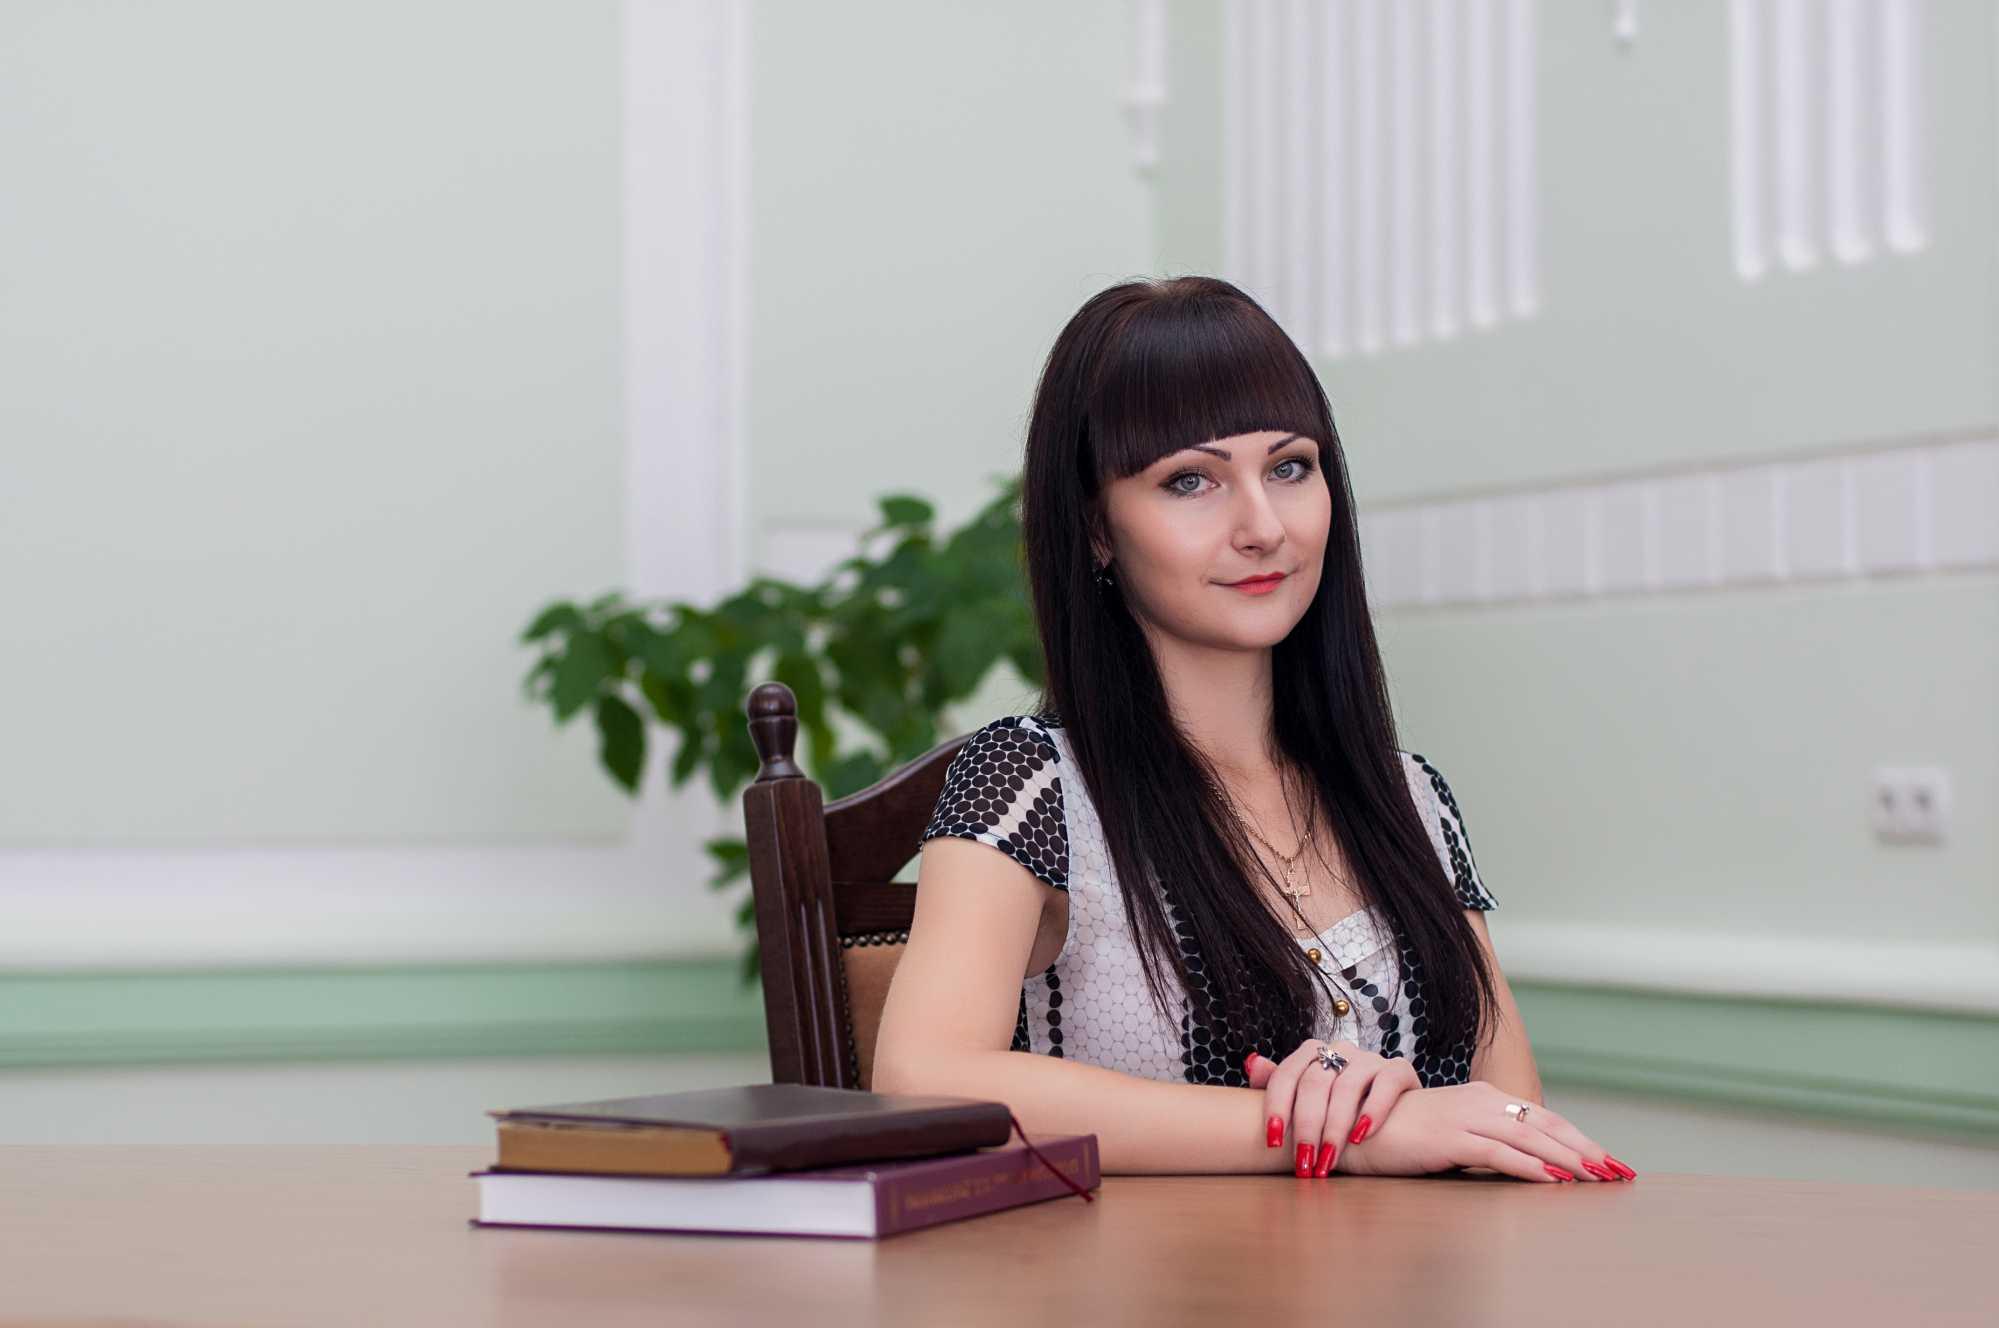 Осьмьоркіна Наталя Михайлівна